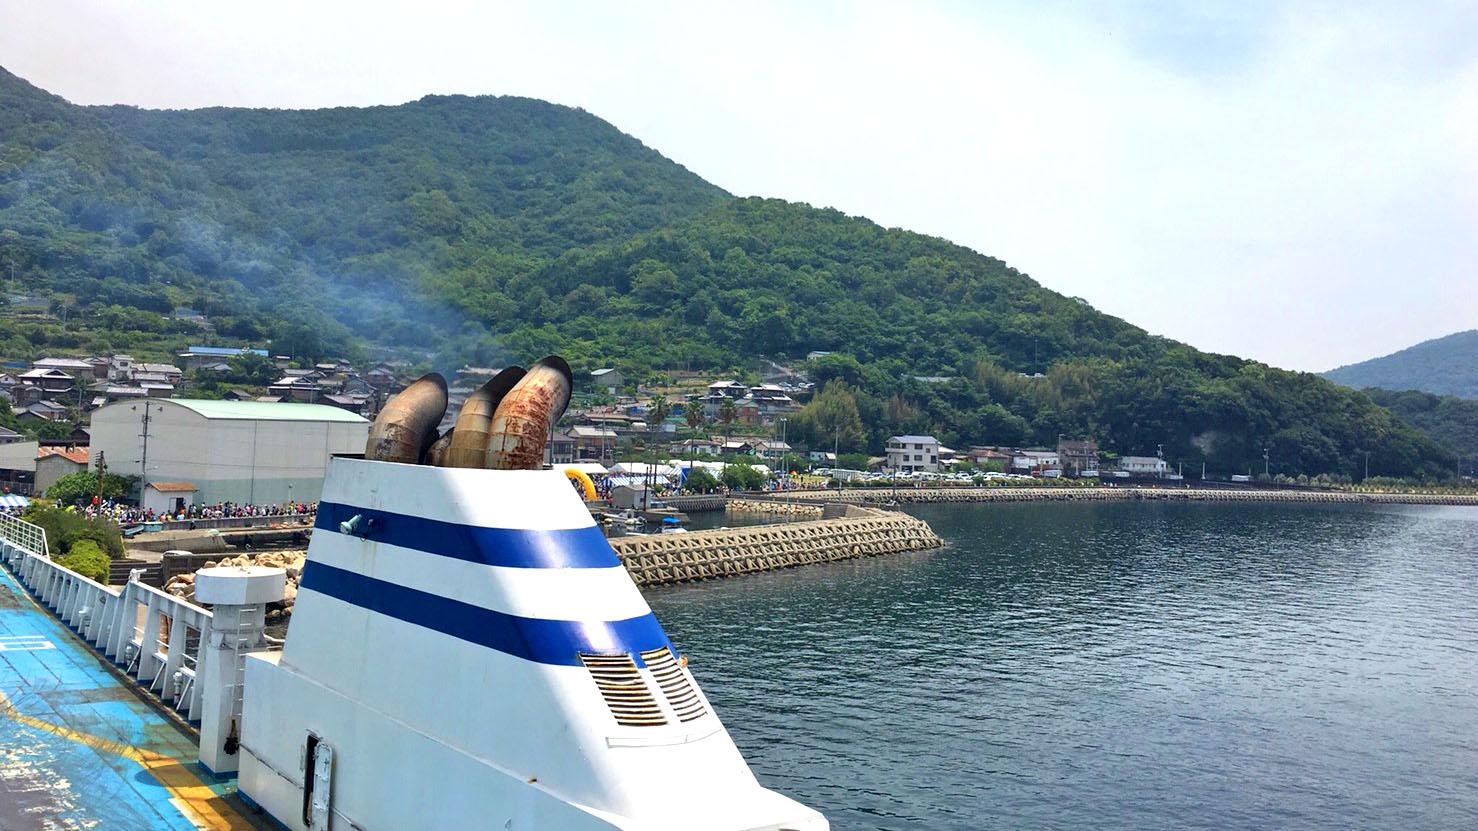 坐渡輪享受香川一日遊!吃遍美味讚岐烏龍麵!